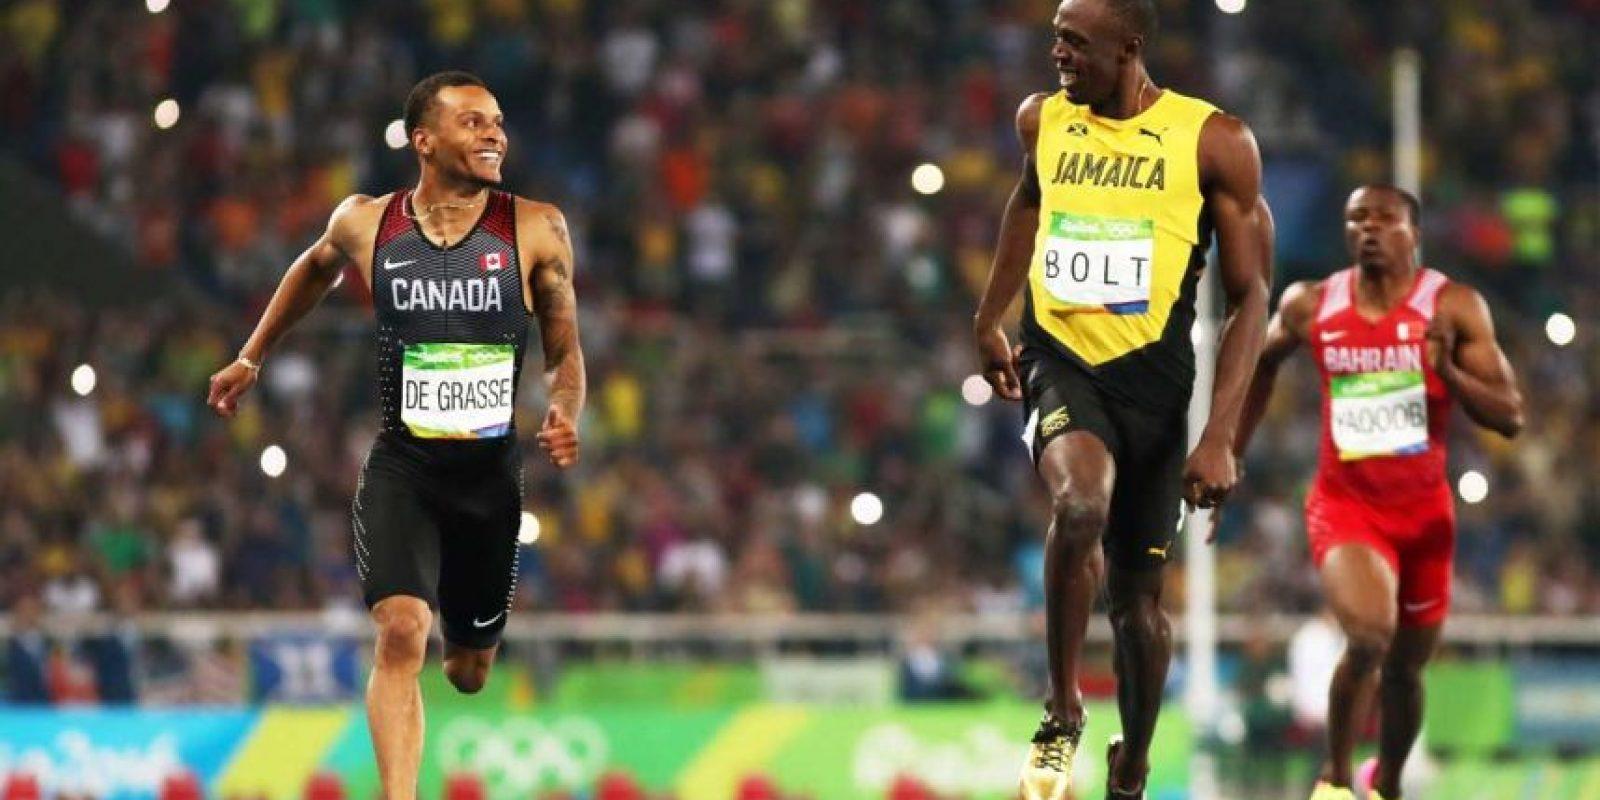 Sumó 3 medallas de oro más en atletismo, llegando a 9 preseas doradas en su carrera. Foto:Getty Images